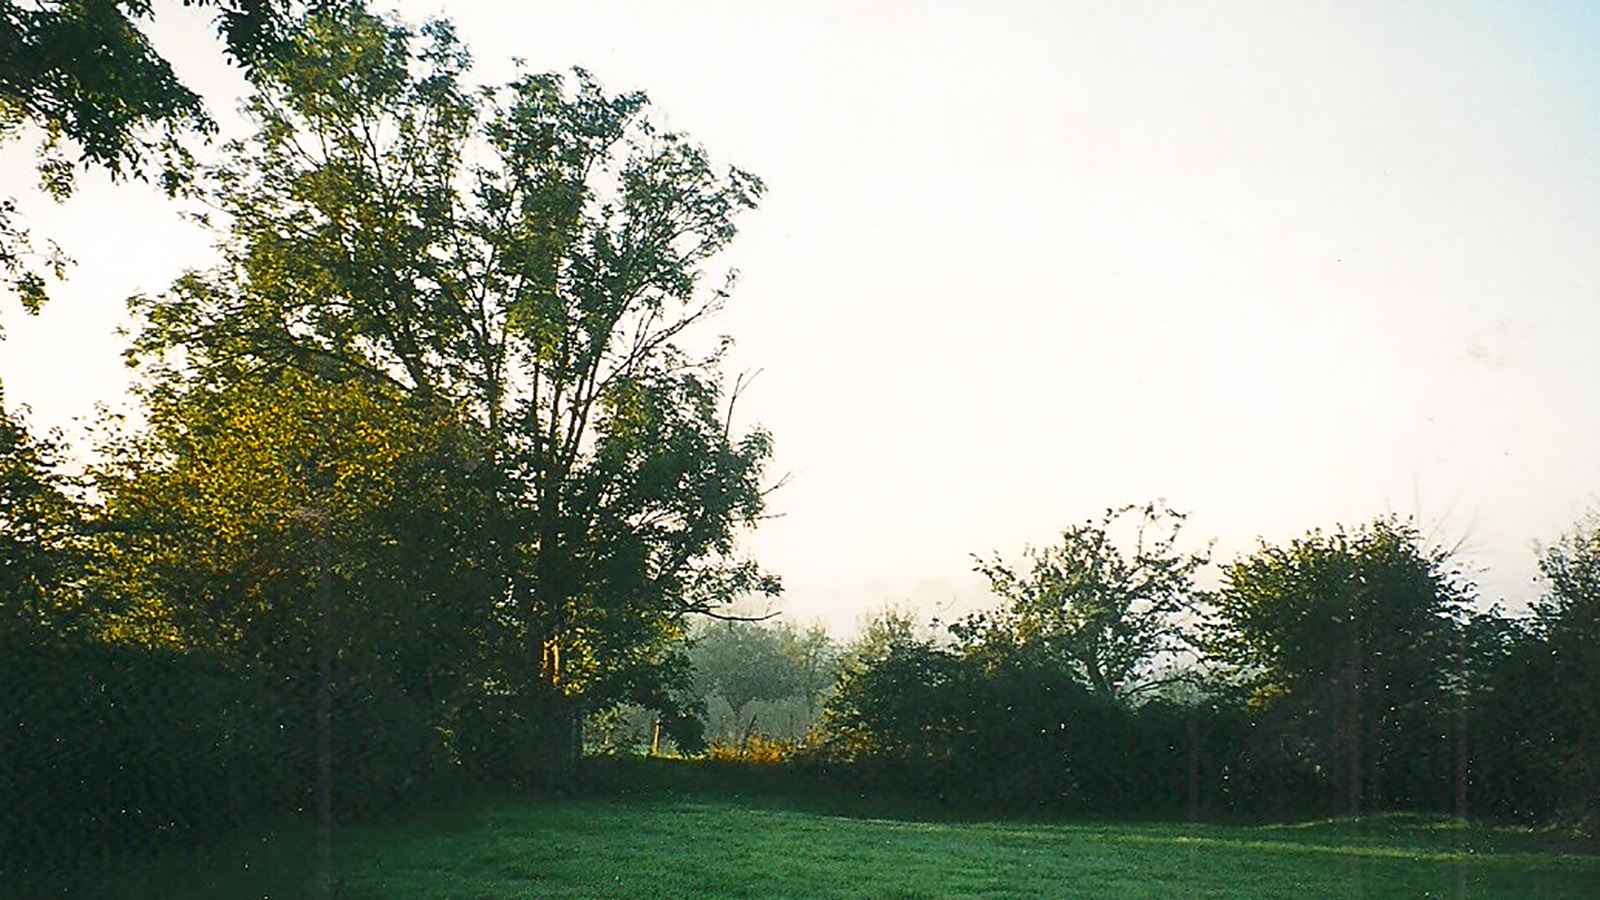 Der Blick aus dem Fenster auf unseren Garten. Foto: Jutta Fassbender